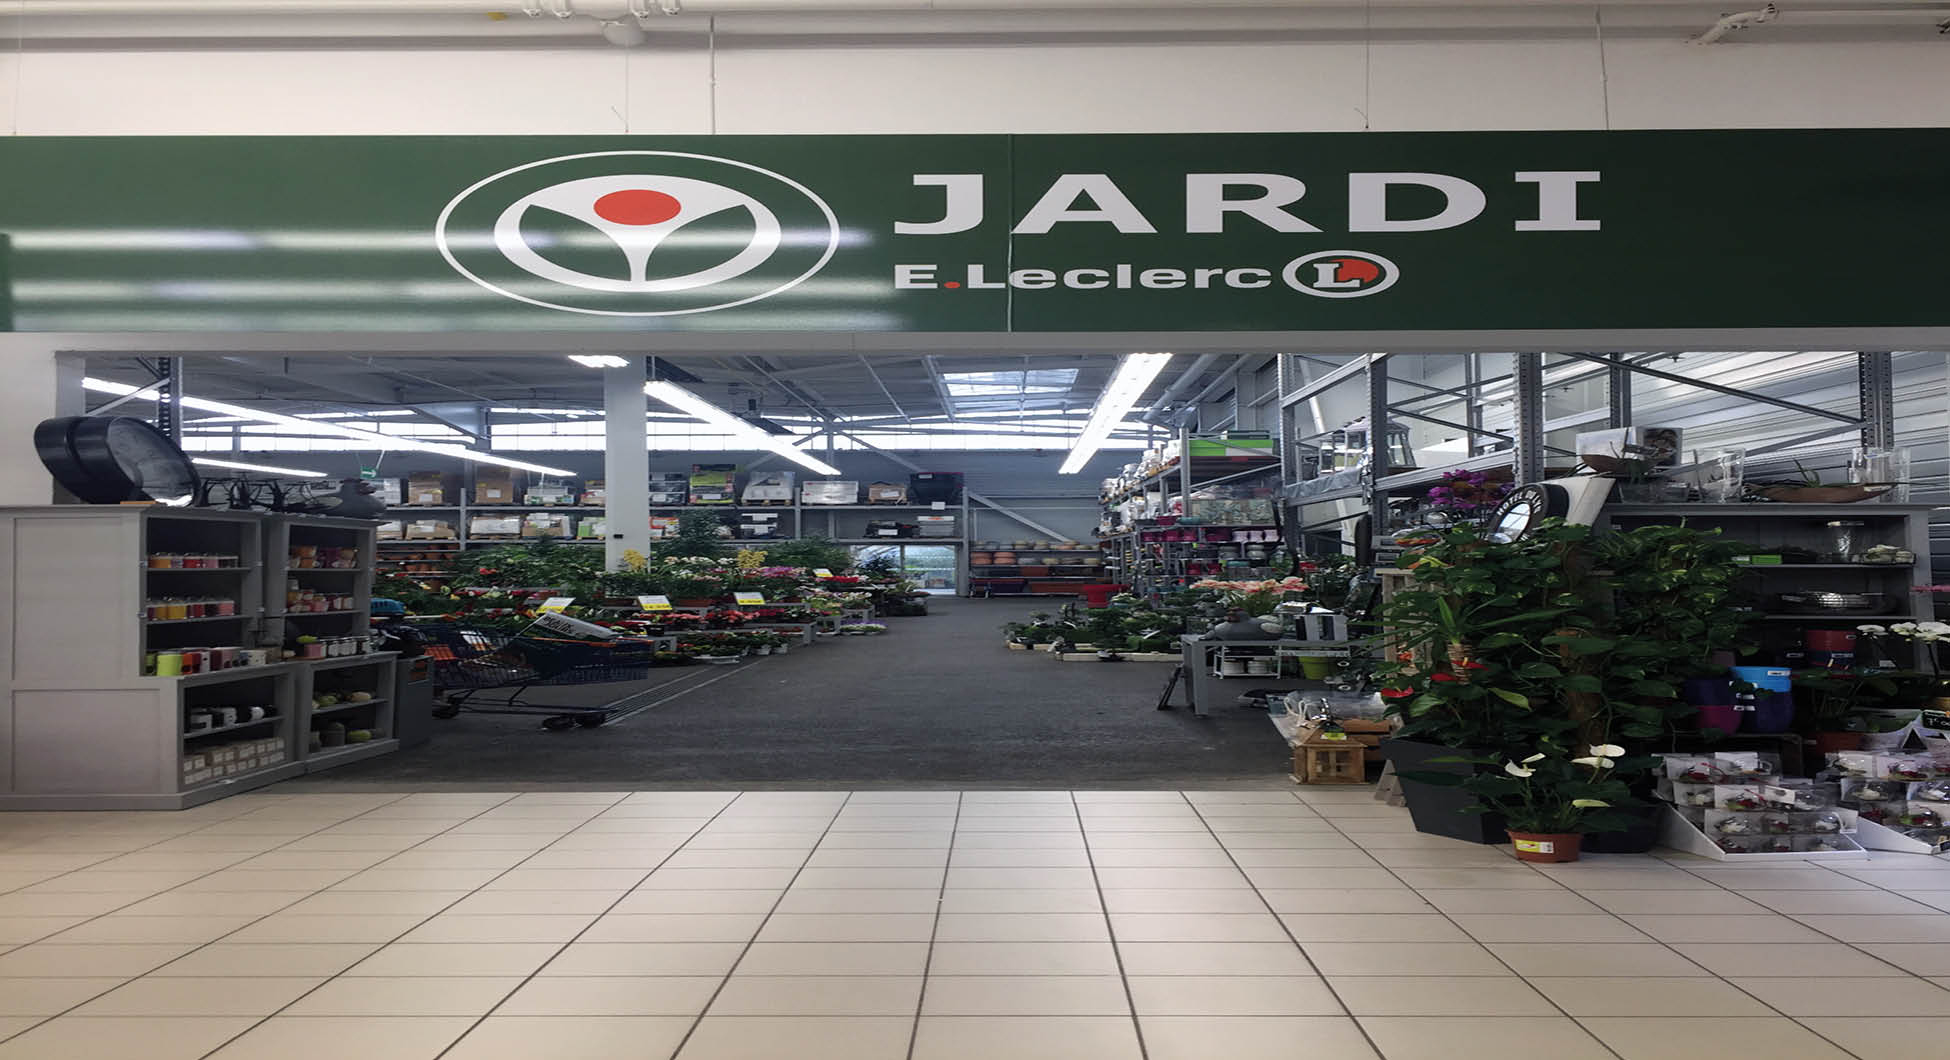 E.leclerc Rochefort Sur Mer - Rochefort - Jardi avec Balancelle De Jardin Leclerc